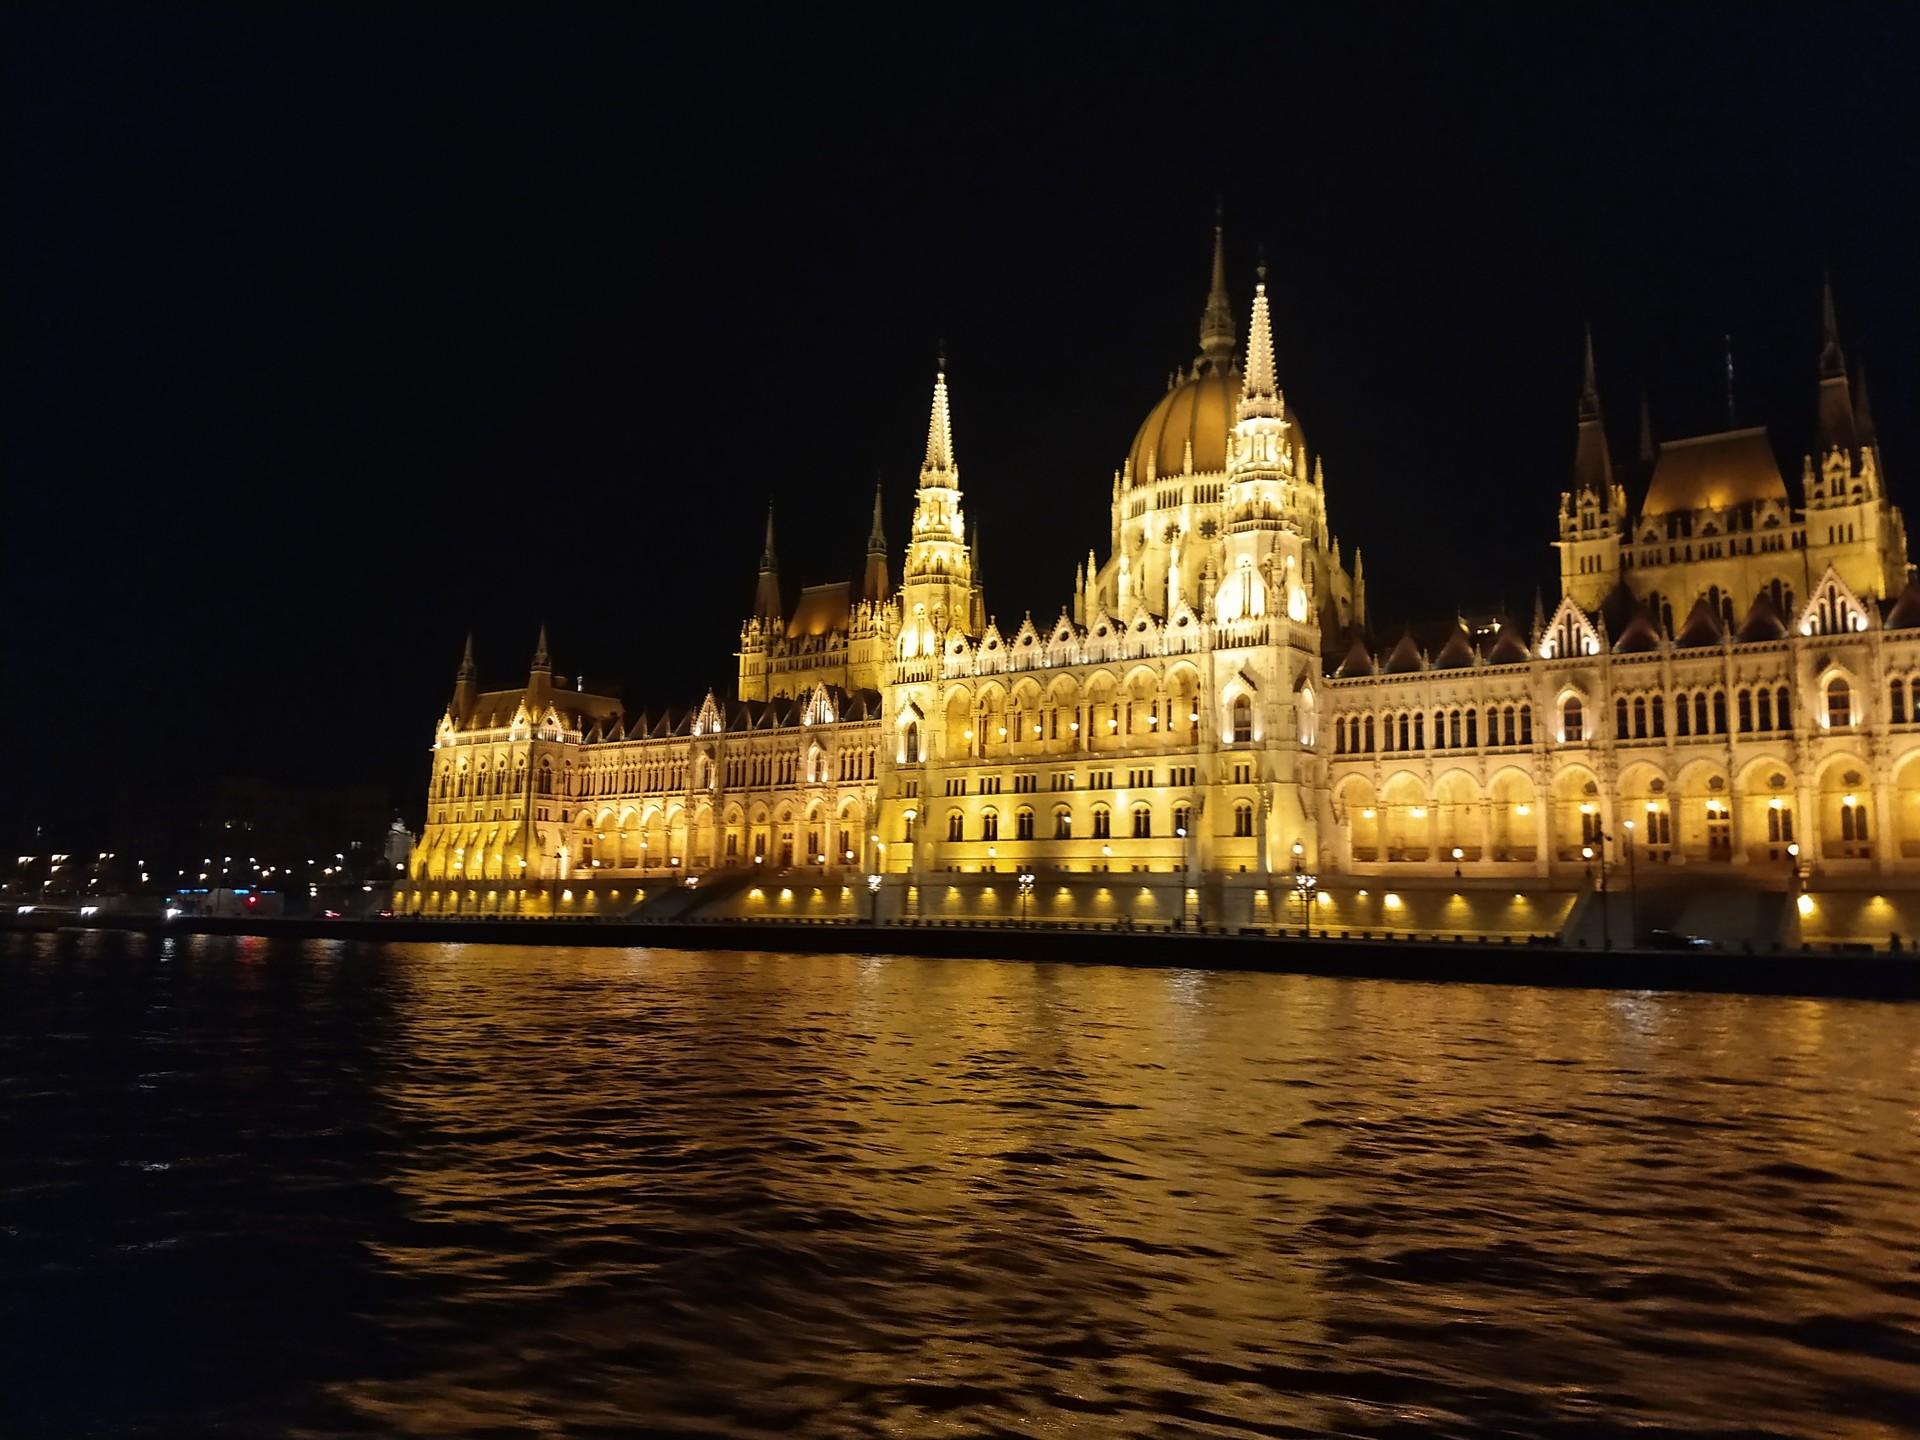 budapest-divertimento-16a83f275783439a61